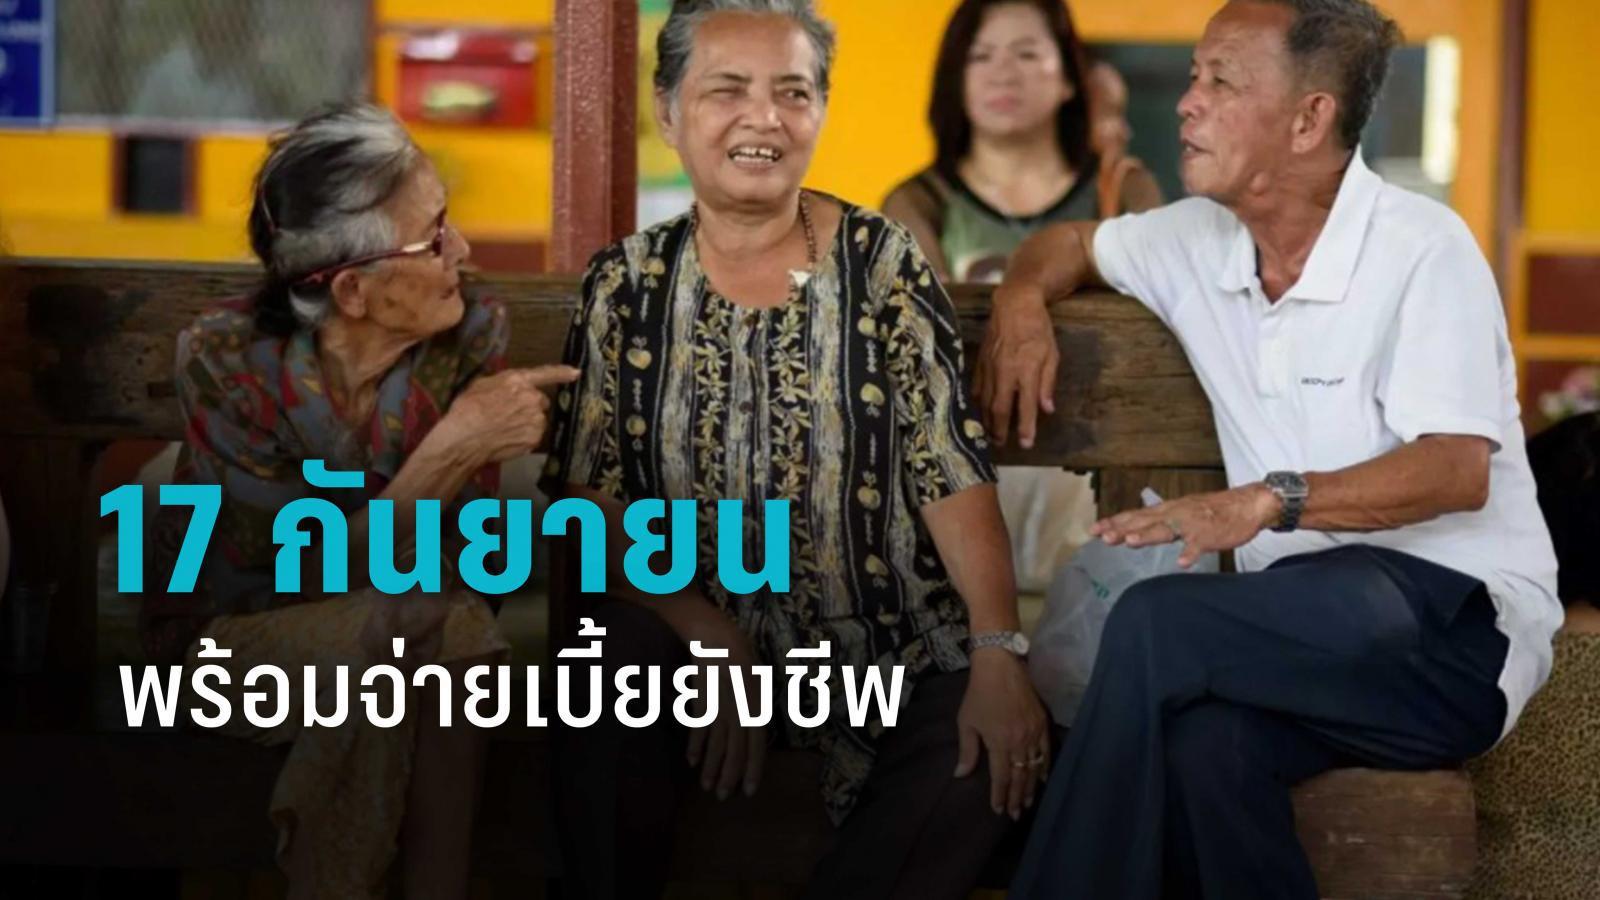 กรมบัญชีกลาง พร้อมจ่าย  เบี้ยยังชีพผู้สูงอายุและเบี้ยความพิการ 17 กันยายน 2563